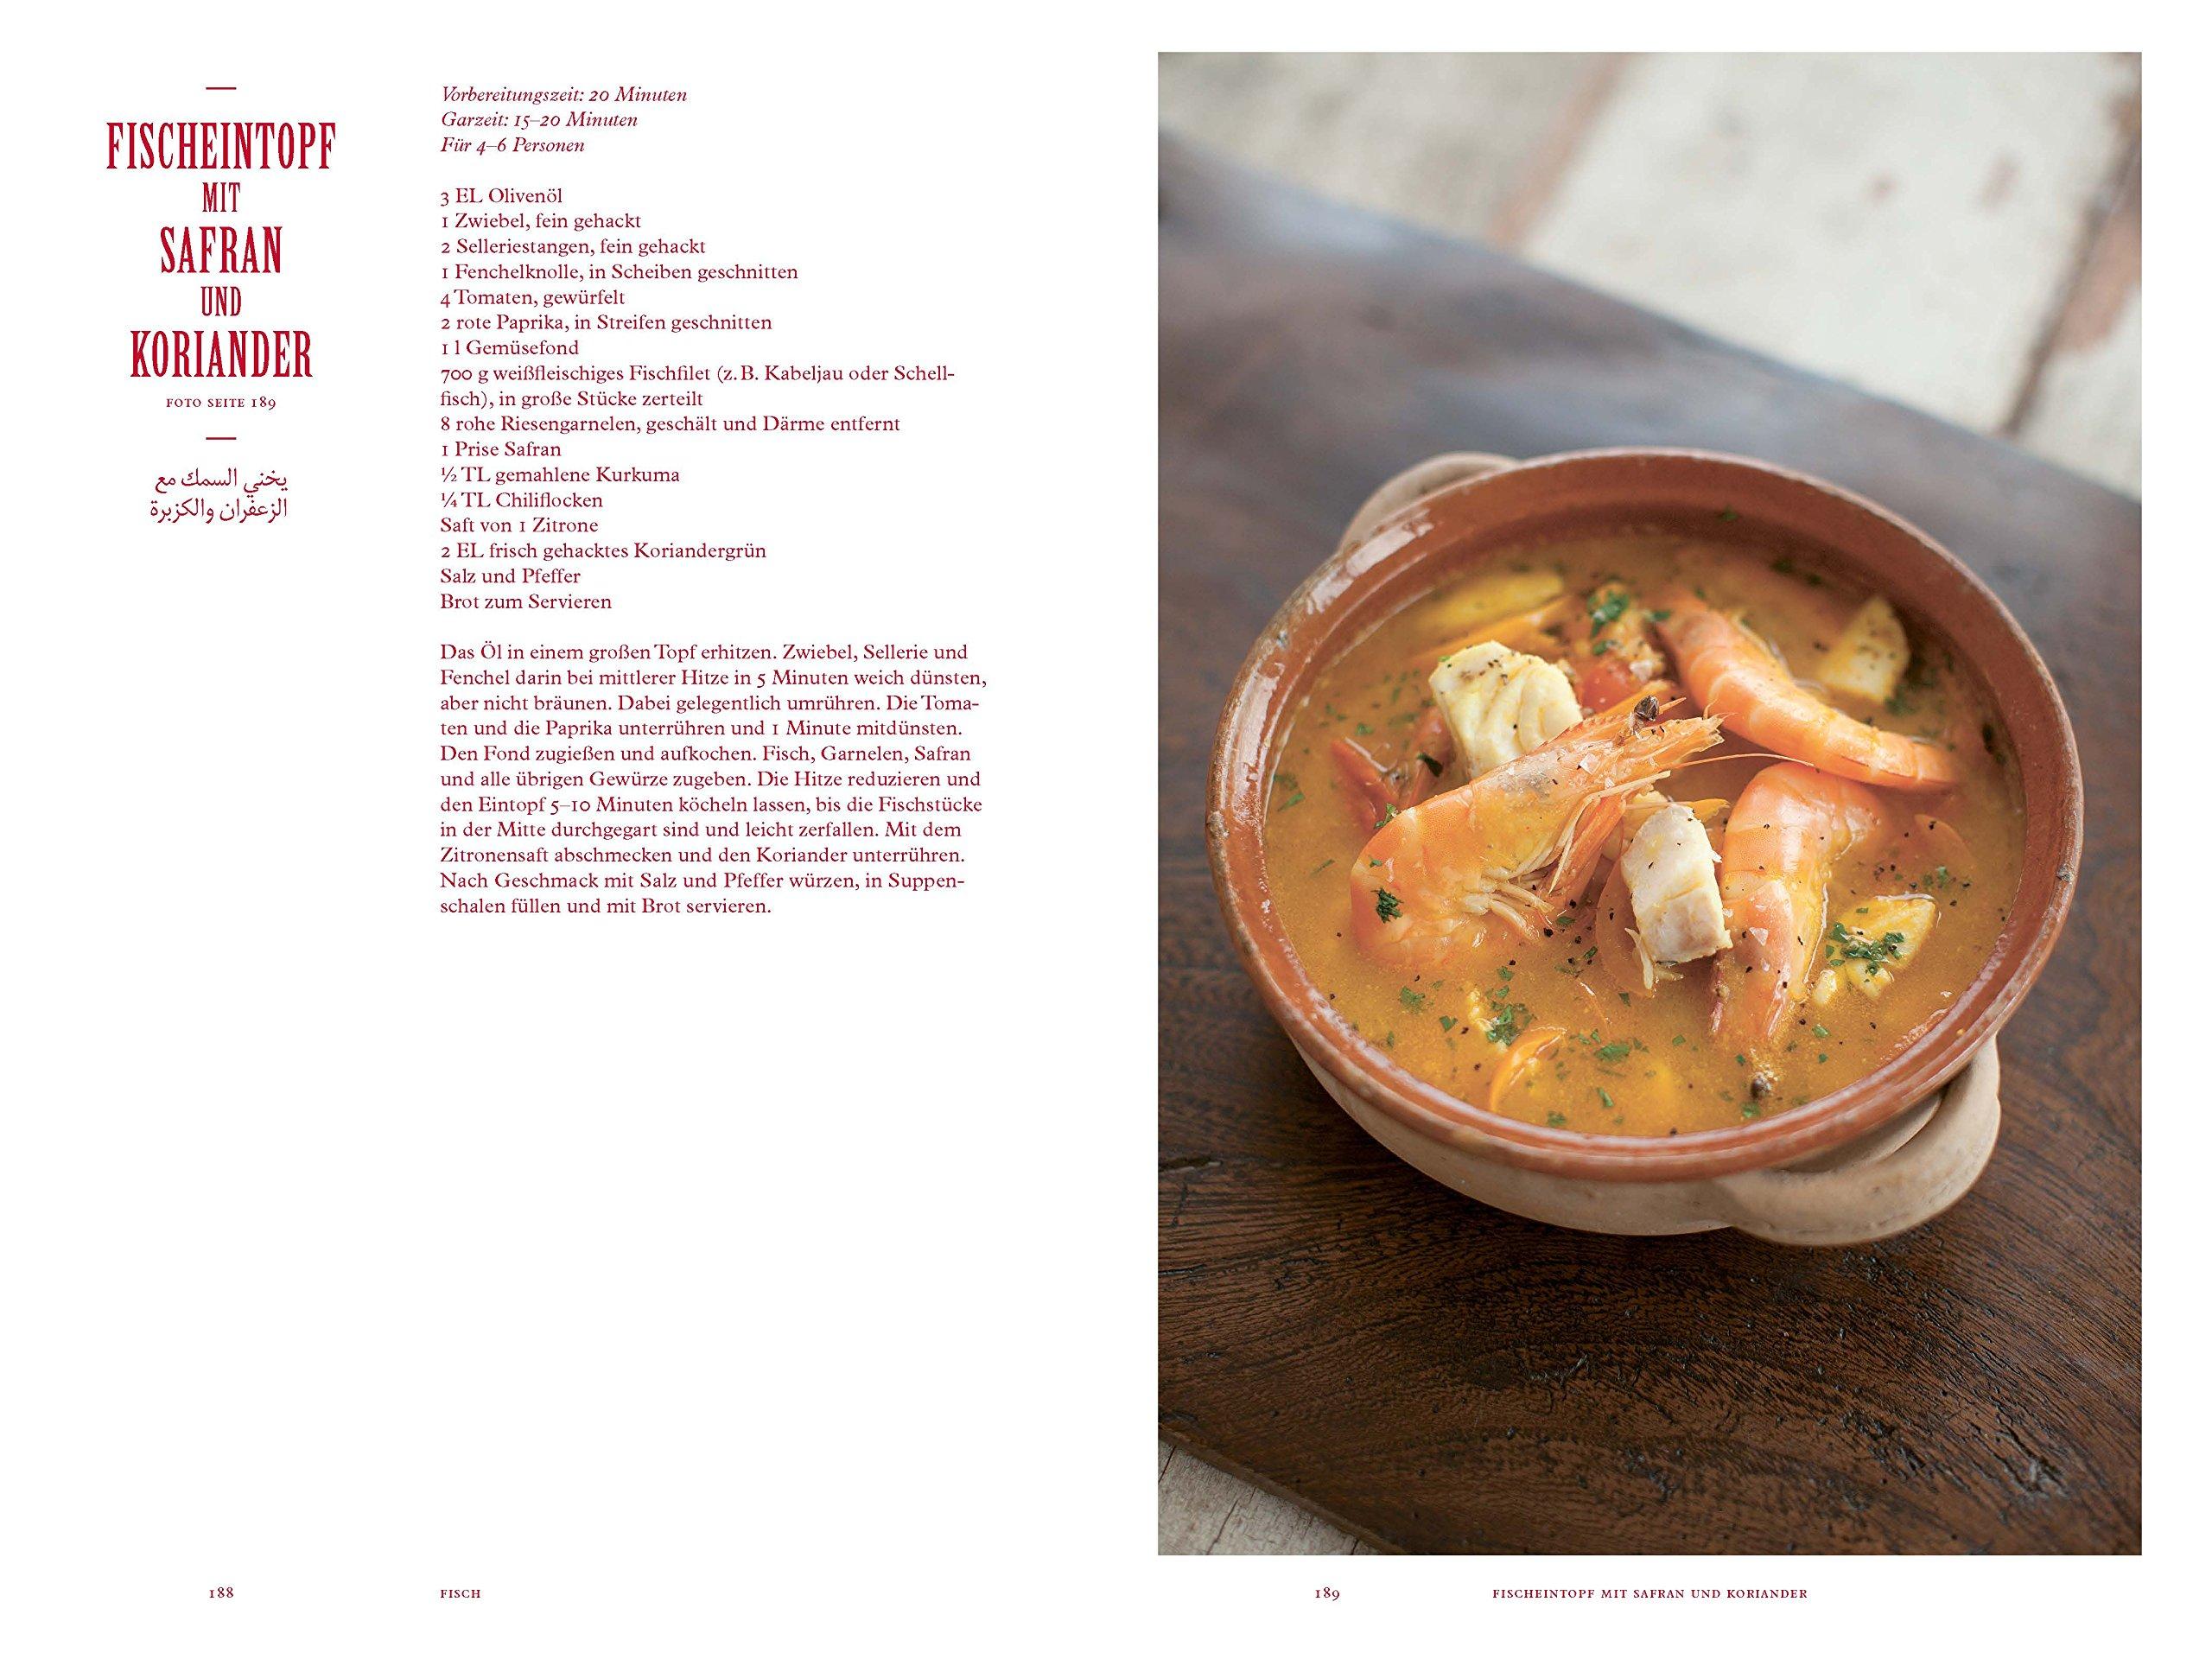 Outdoor Küche Buch : Die libanesische küche: die bibel der arabischen küche: amazon.de